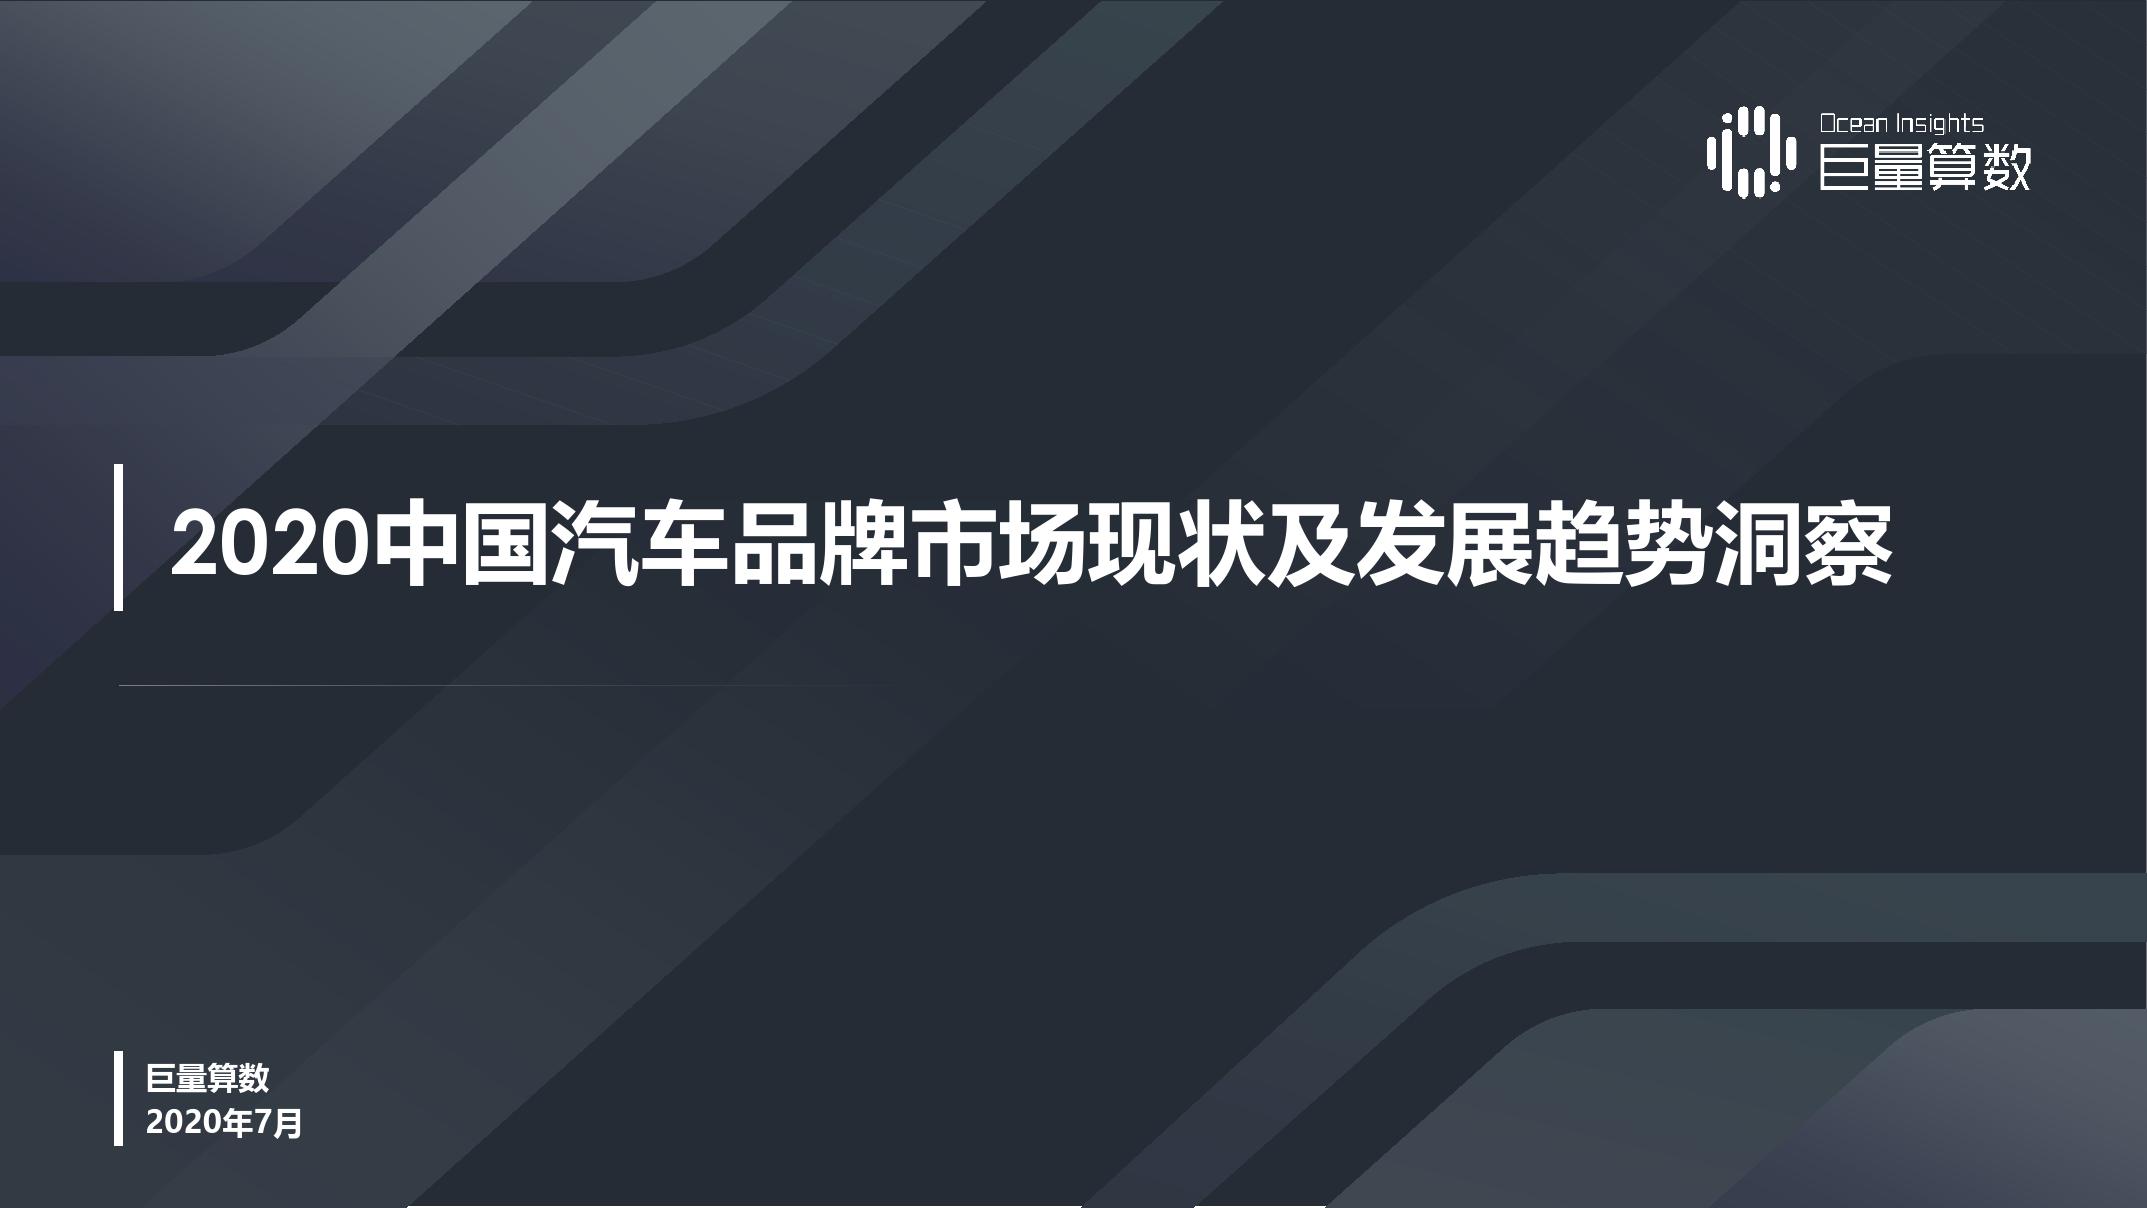 巨量引擎:2020中国汽车品牌市场现状及发展趋势洞察(附下载)